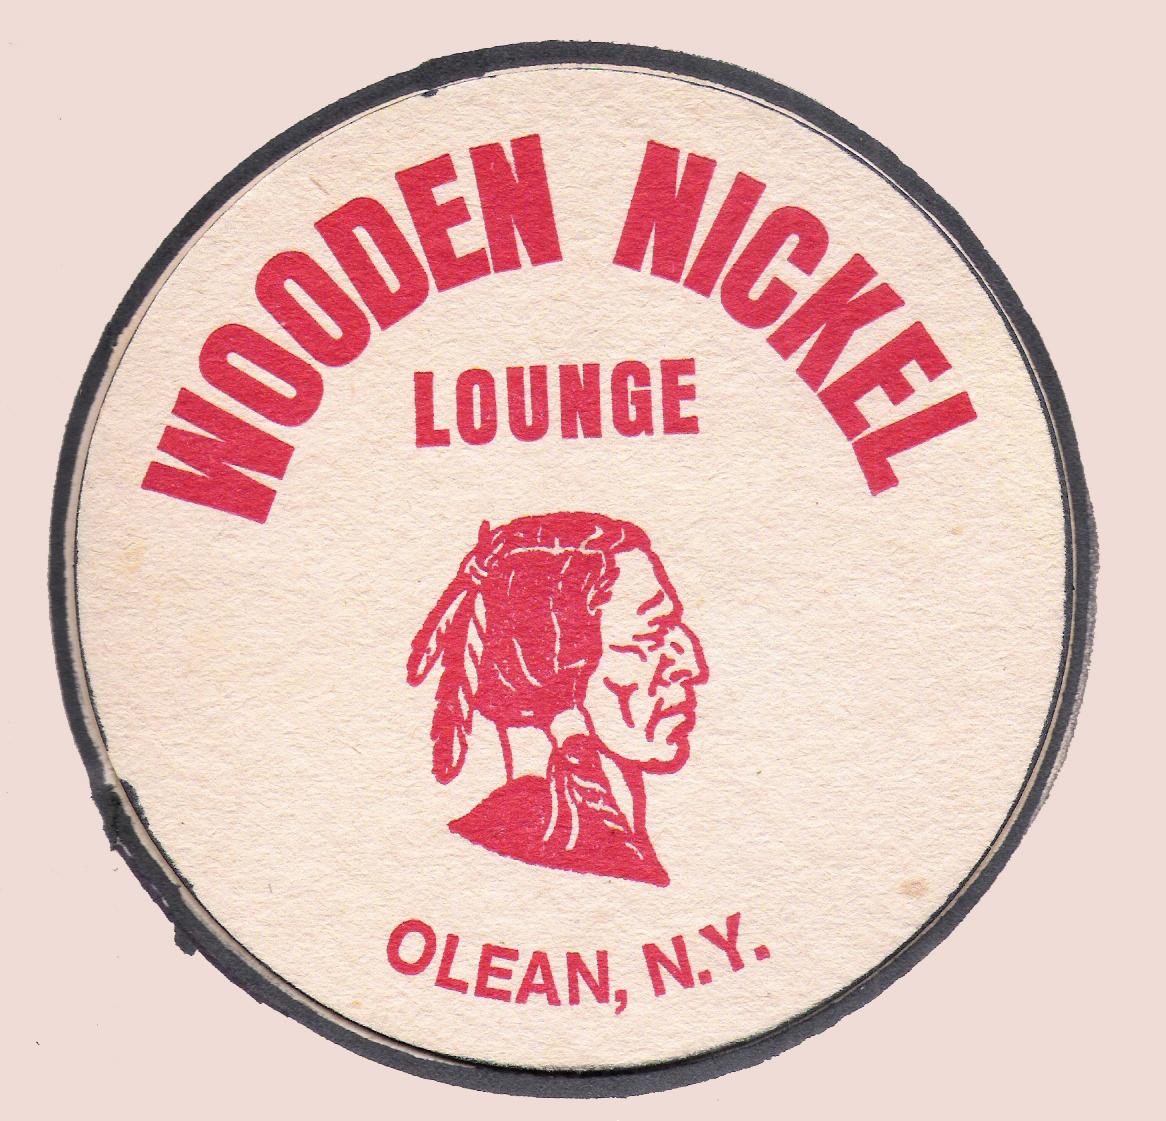 Wooden Nickel Coaster circa 09.19.1981